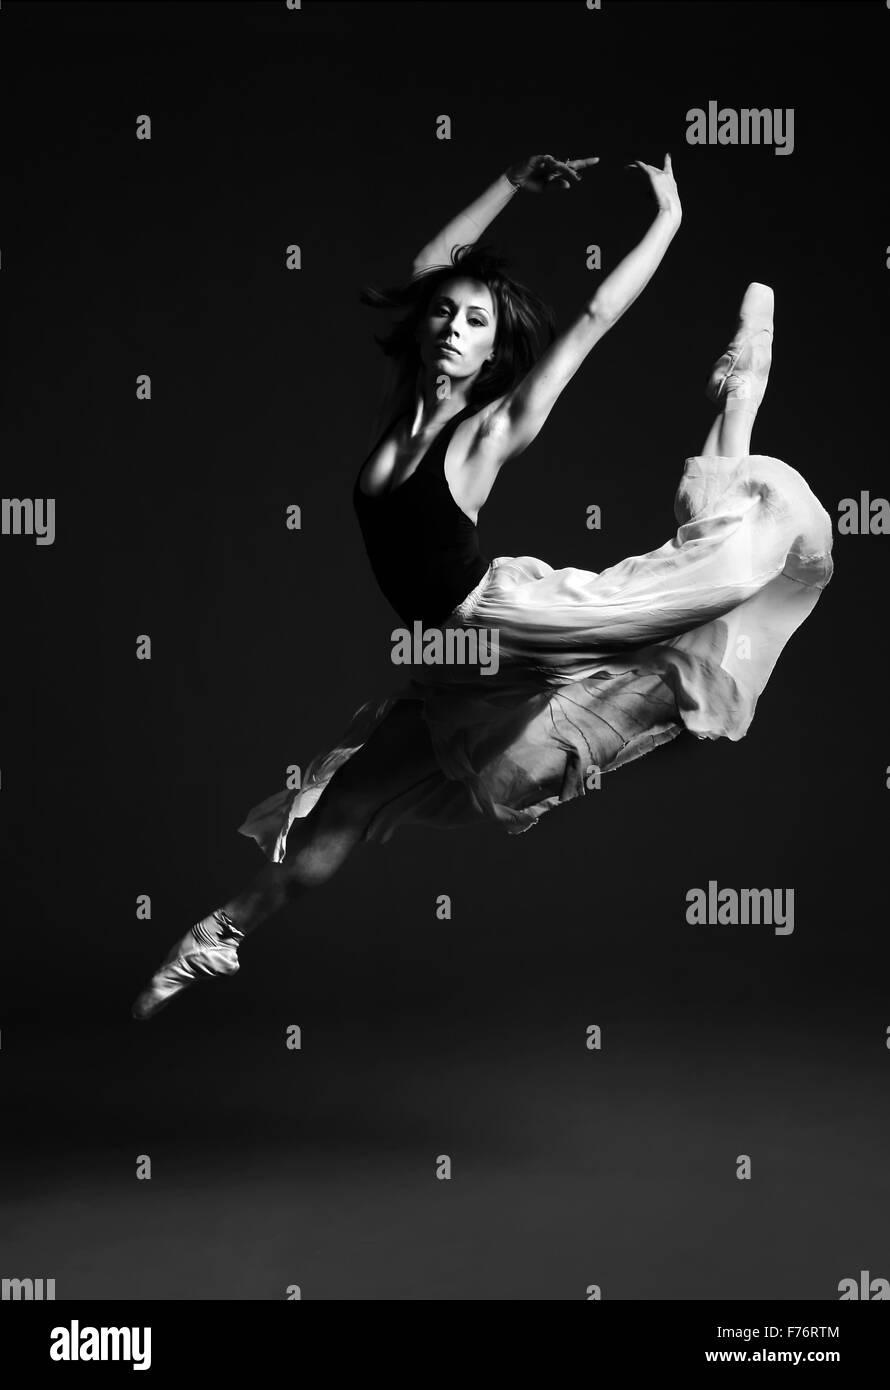 Bailarina de ballet en pose de volar llamativo, imagen en blanco y negro Imagen De Stock